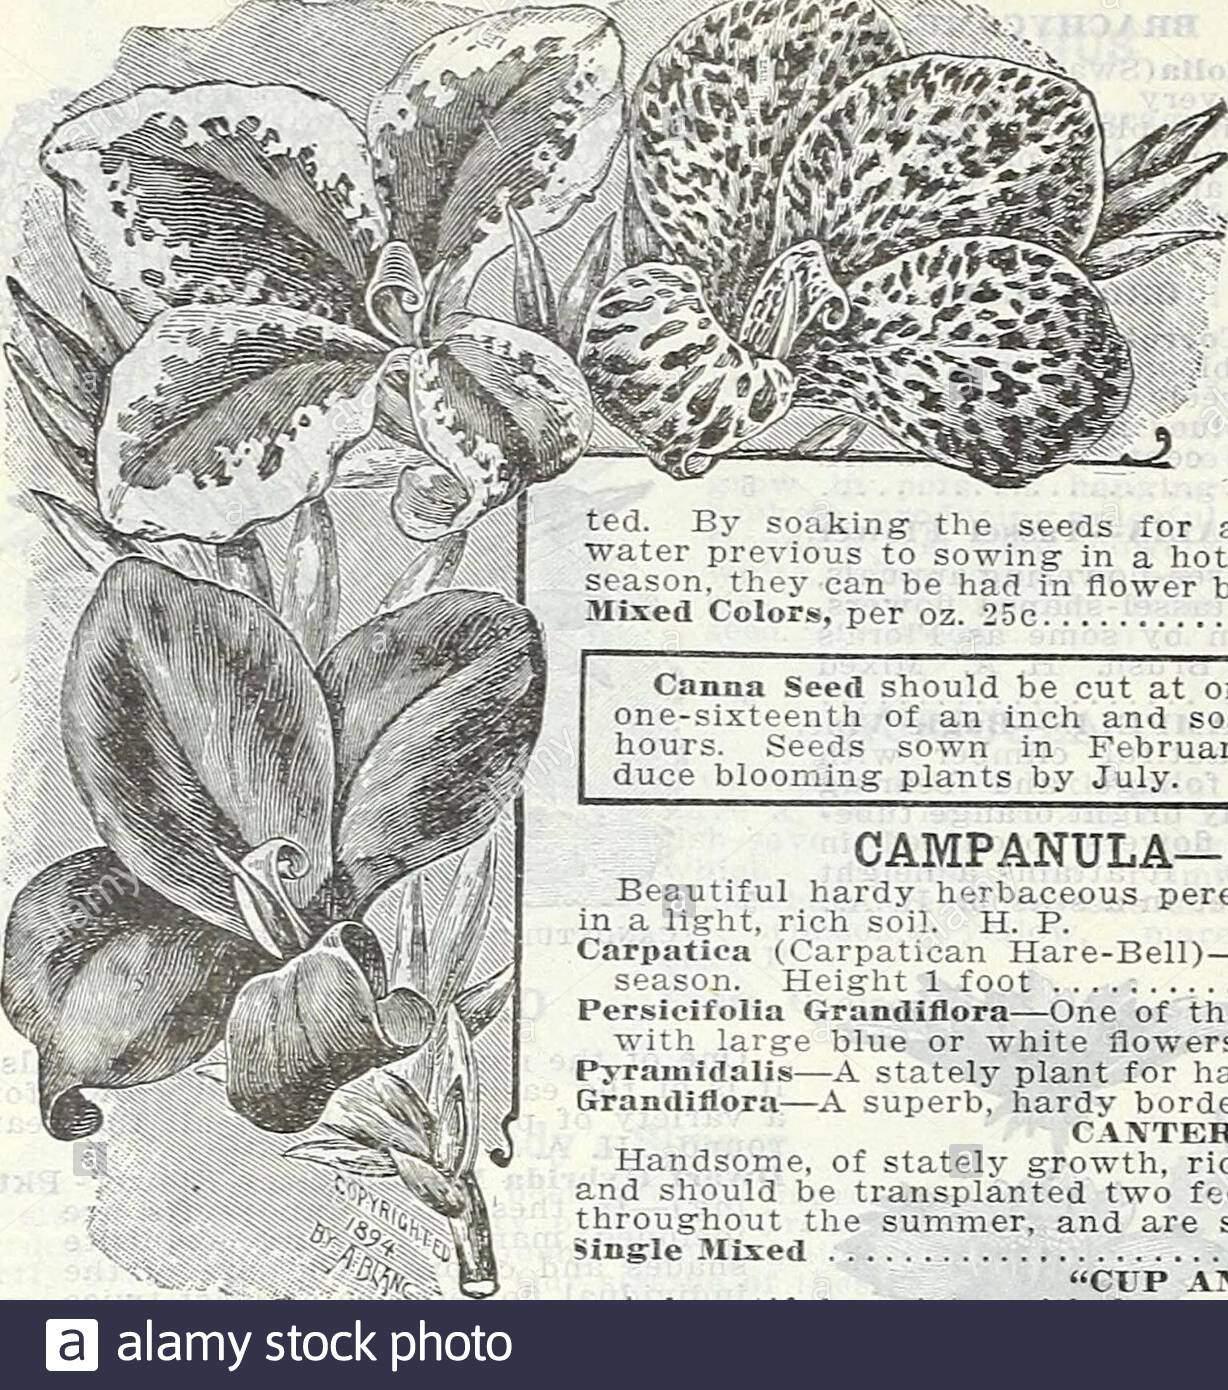 hof und garten jahrlich fruhjahr 1906 calendula prinz op orange 60 currie bruder co hof und garten jahrliche dbps canna grosse blute franzosisch schone pflanzen fur cen ters von grossen betten oder backribbons fur grenze als win ter bluhende pflanzen in potsthey sind auch von grossem wert das laub ist luxuriantand sind pflanzen zwerg bewohnen bluten sind ofimmense grosse und der sehr brillante farben rangingthrough alle grautone ofyellow zu den reichsten crim sohn scarlet und zinnoberrot viele sind wunderschon spot samen fur etwa zwolf stunden in warmsowing in eine brutstatte oder gewachshaus fruh in dir 2anc4ma